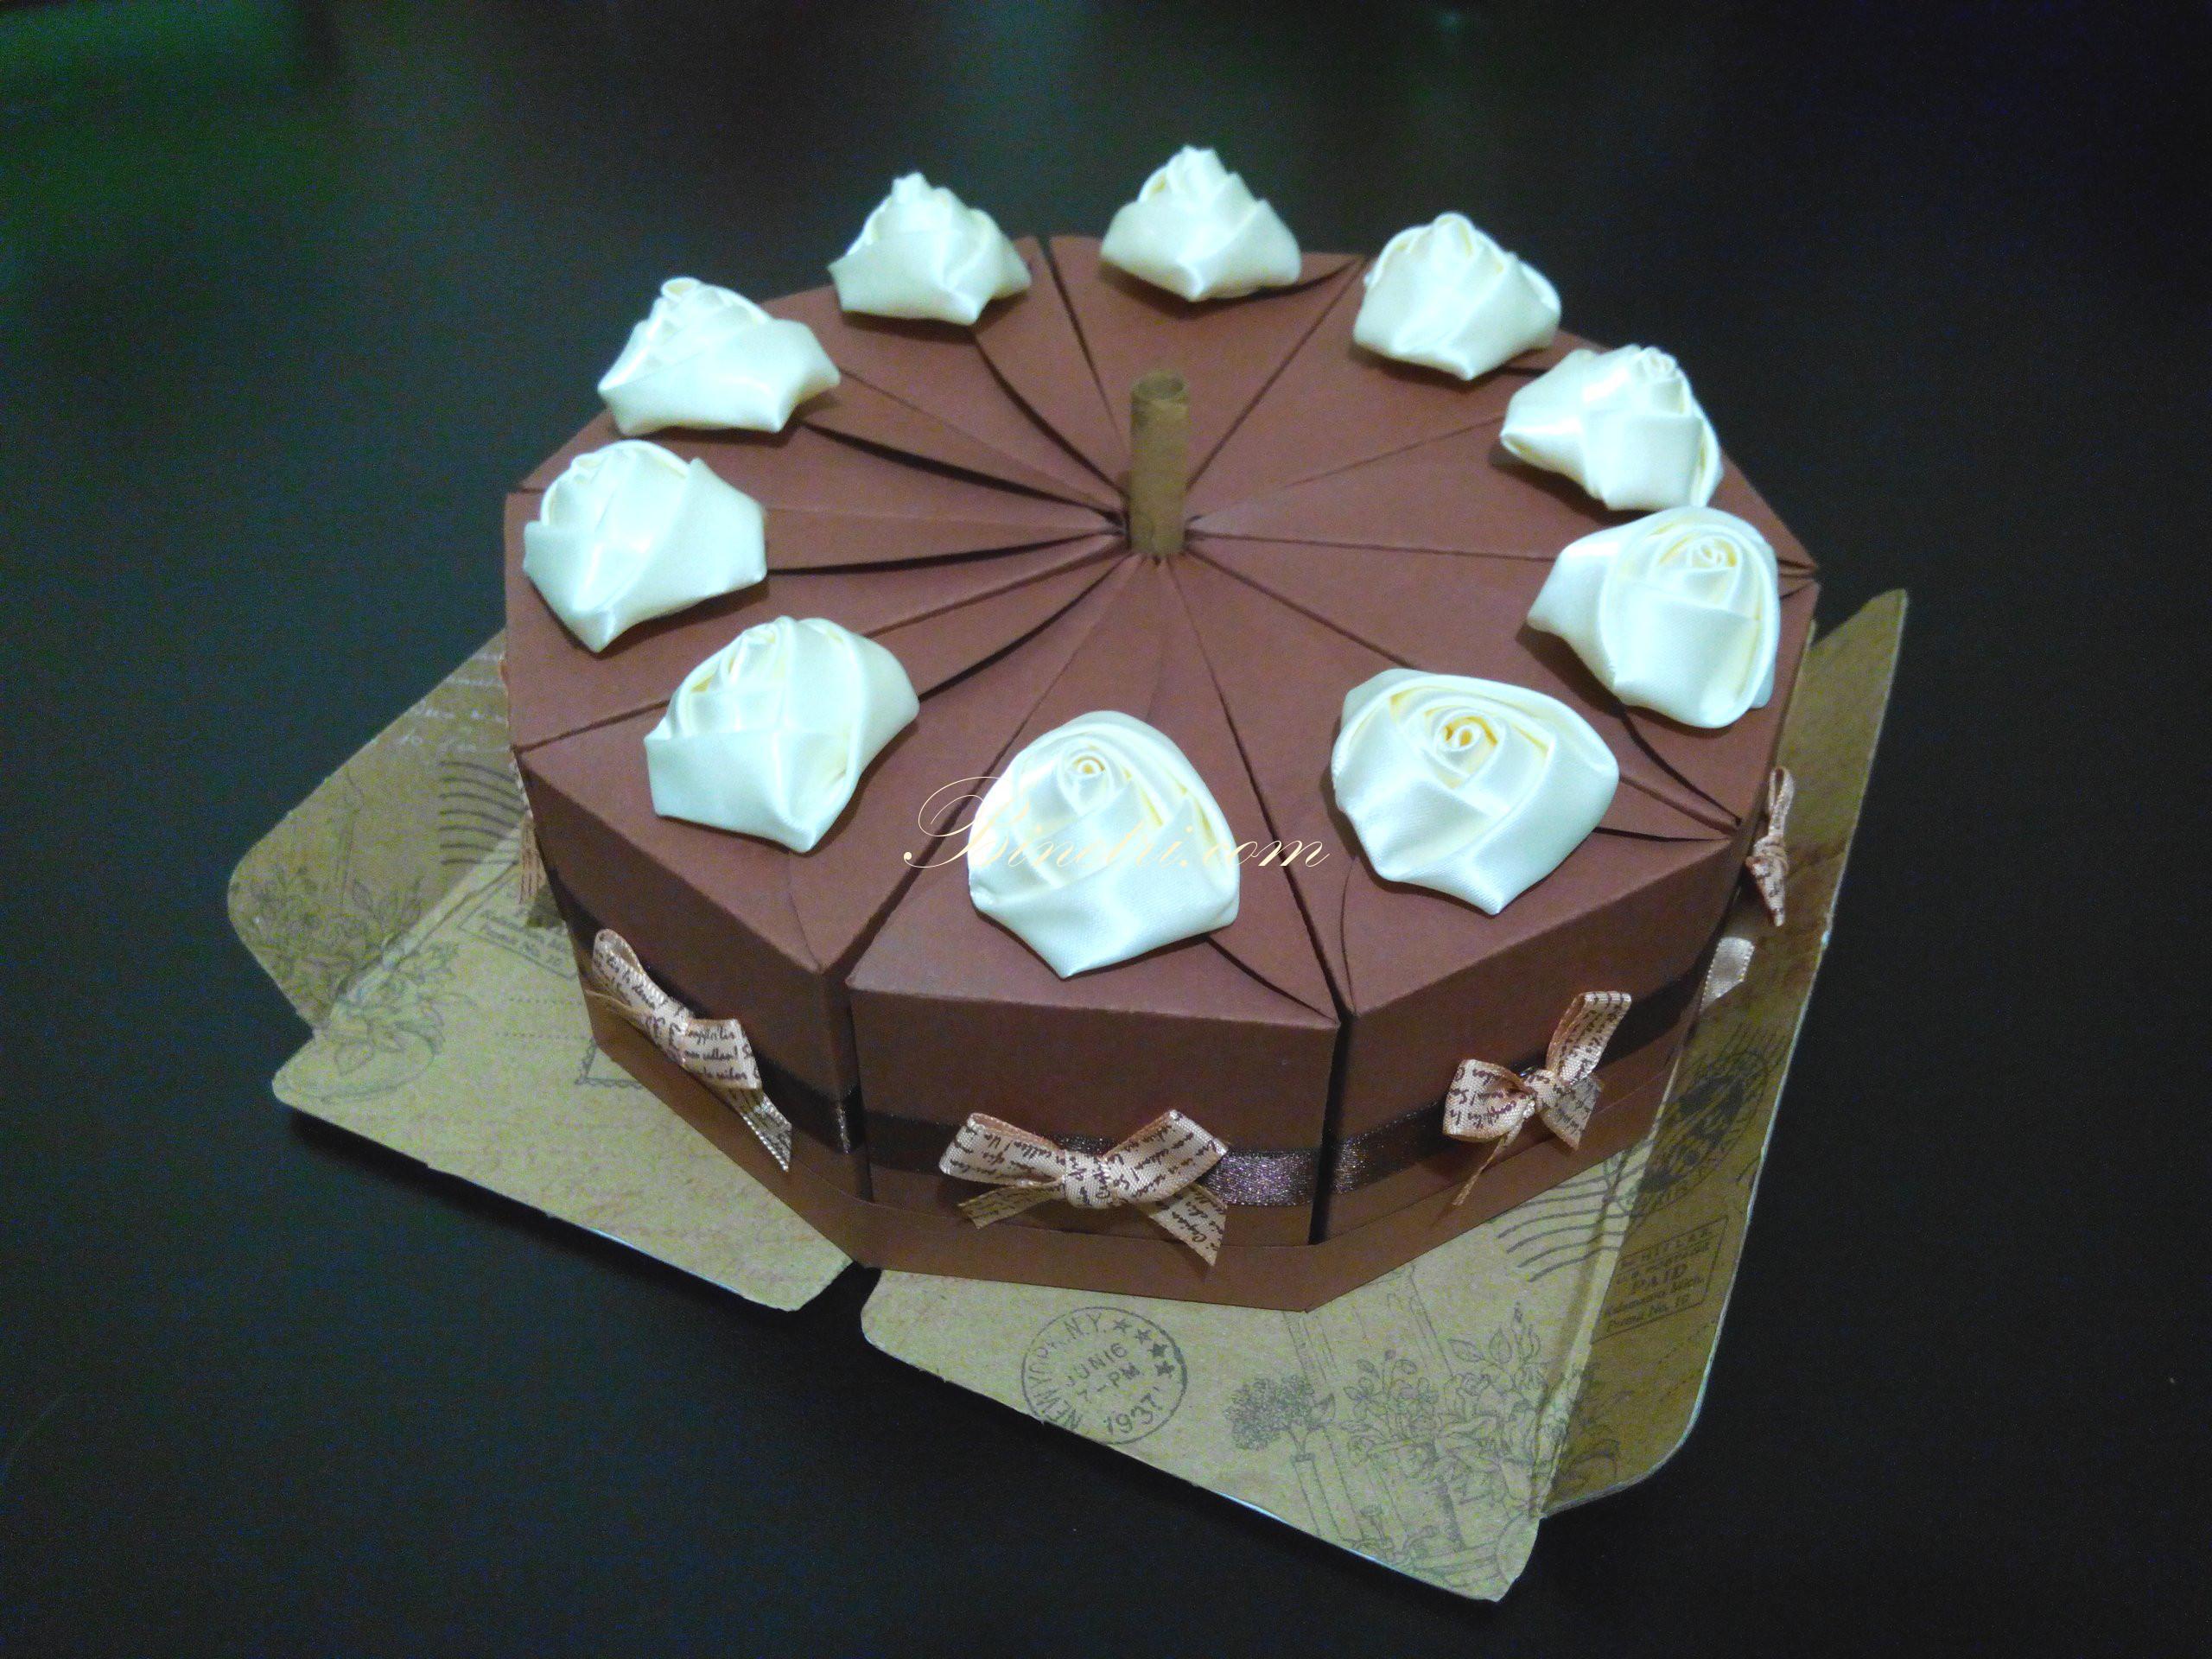 Трафареты для торта своими руками распечатать фото 48